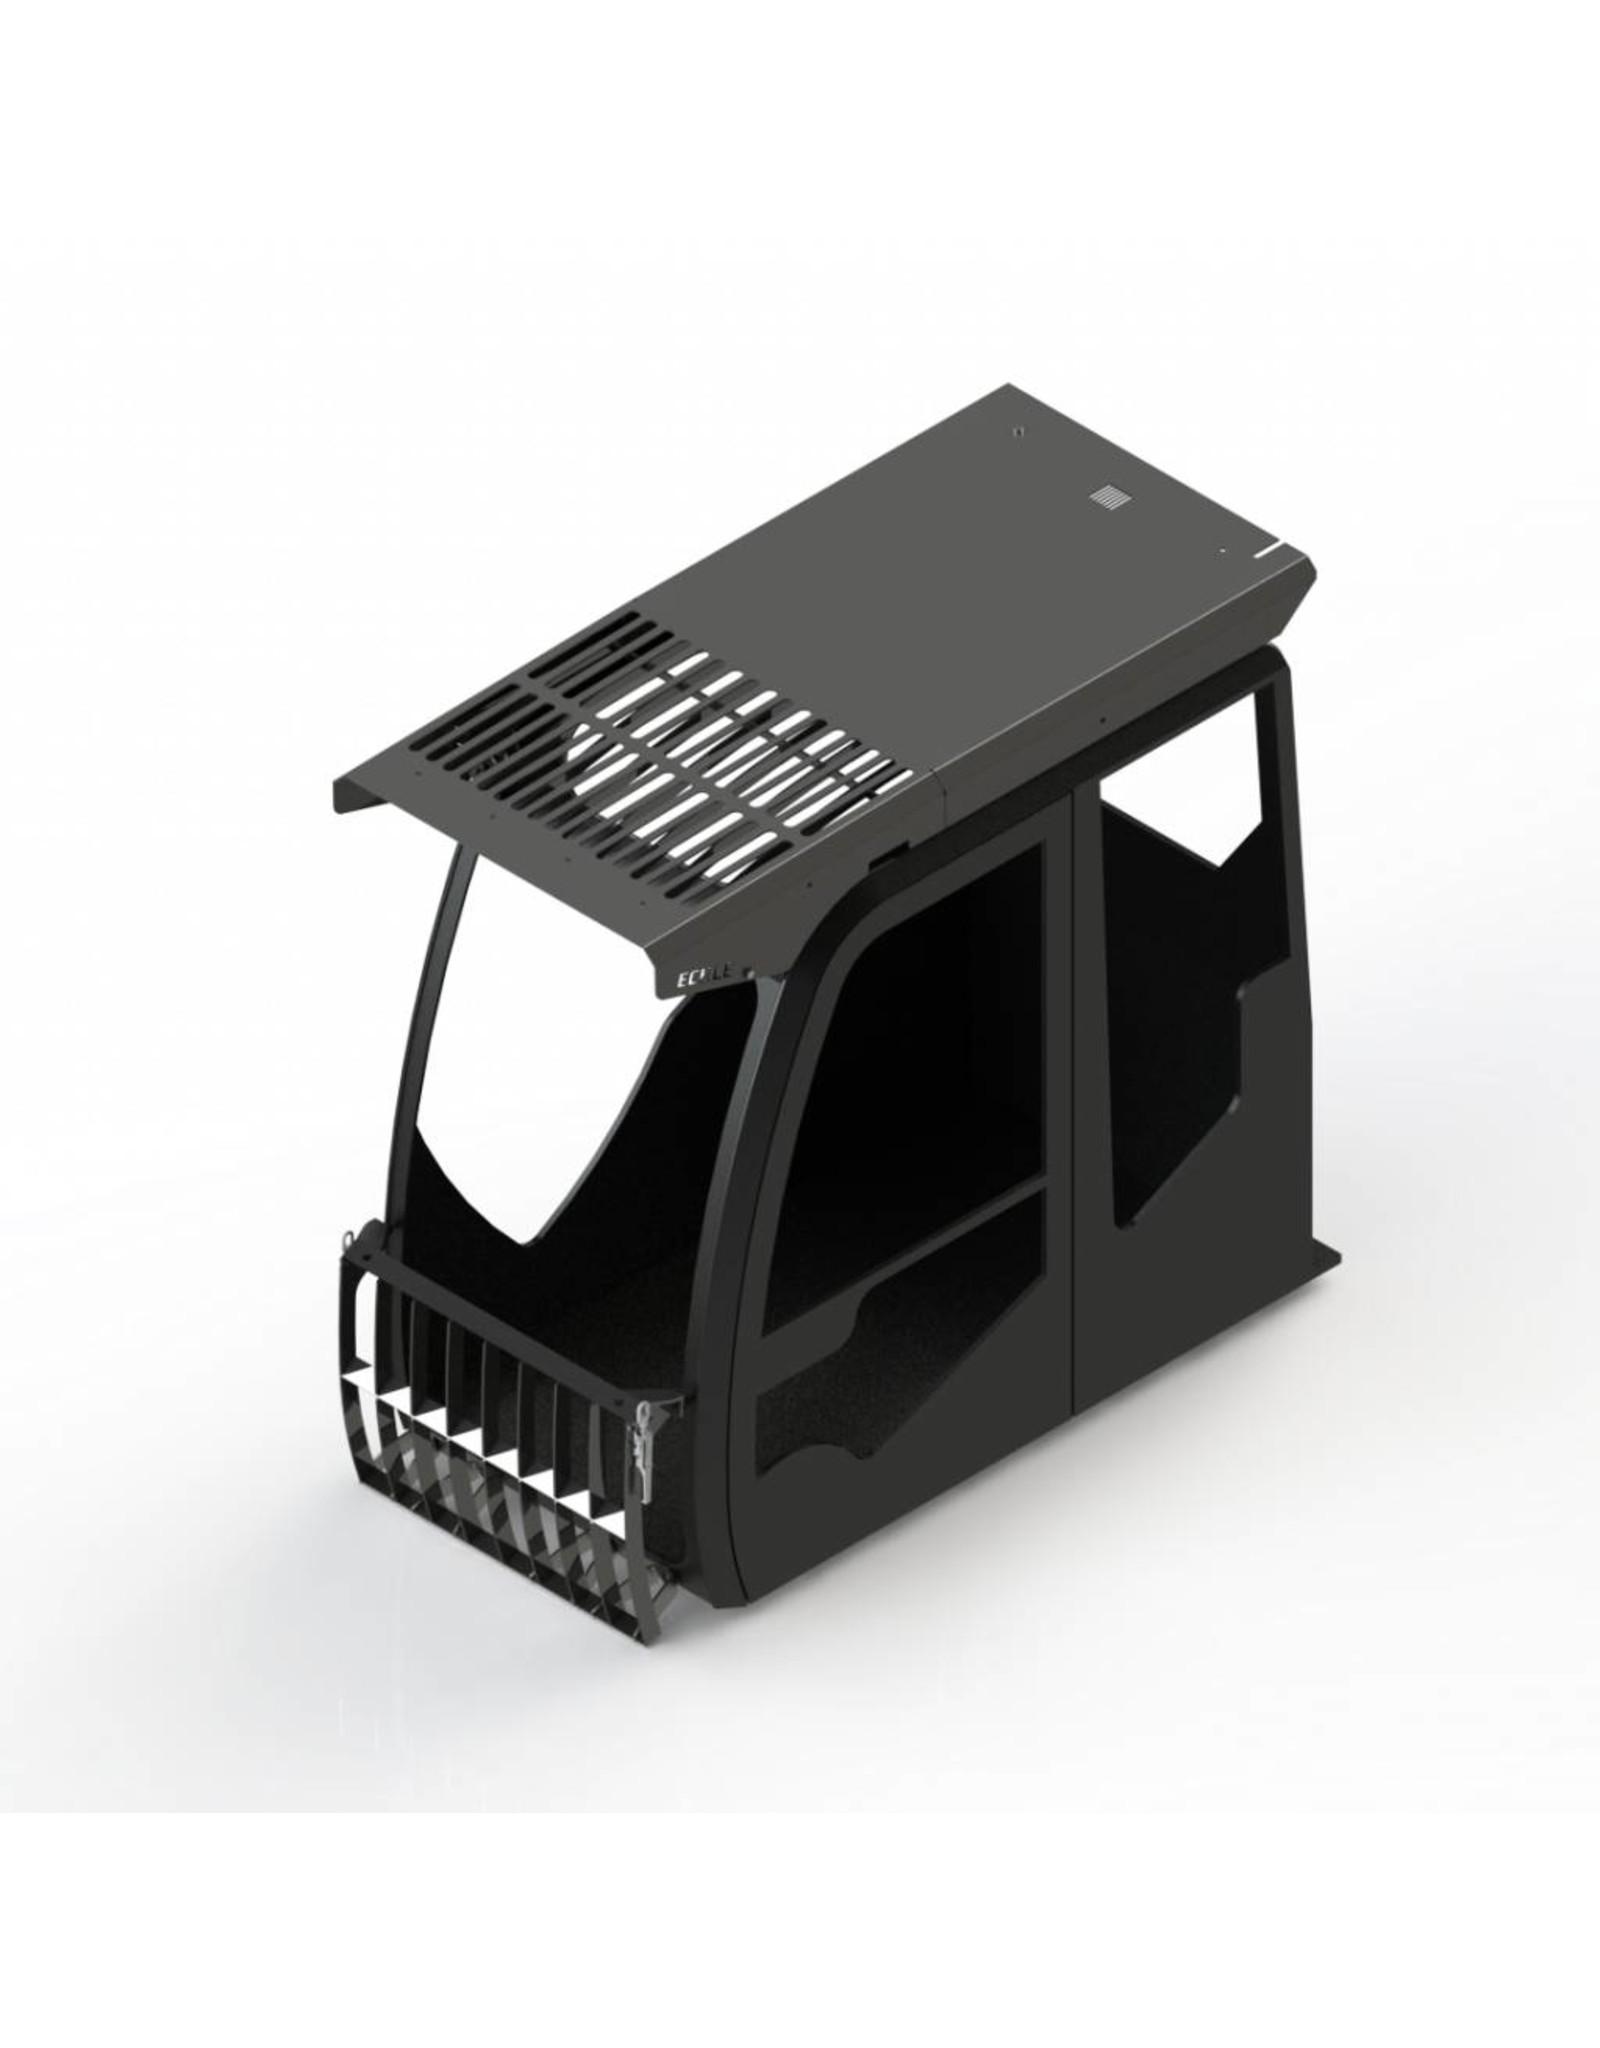 Echle Hartstahl GmbH FOPS pour Hyundai HX330L